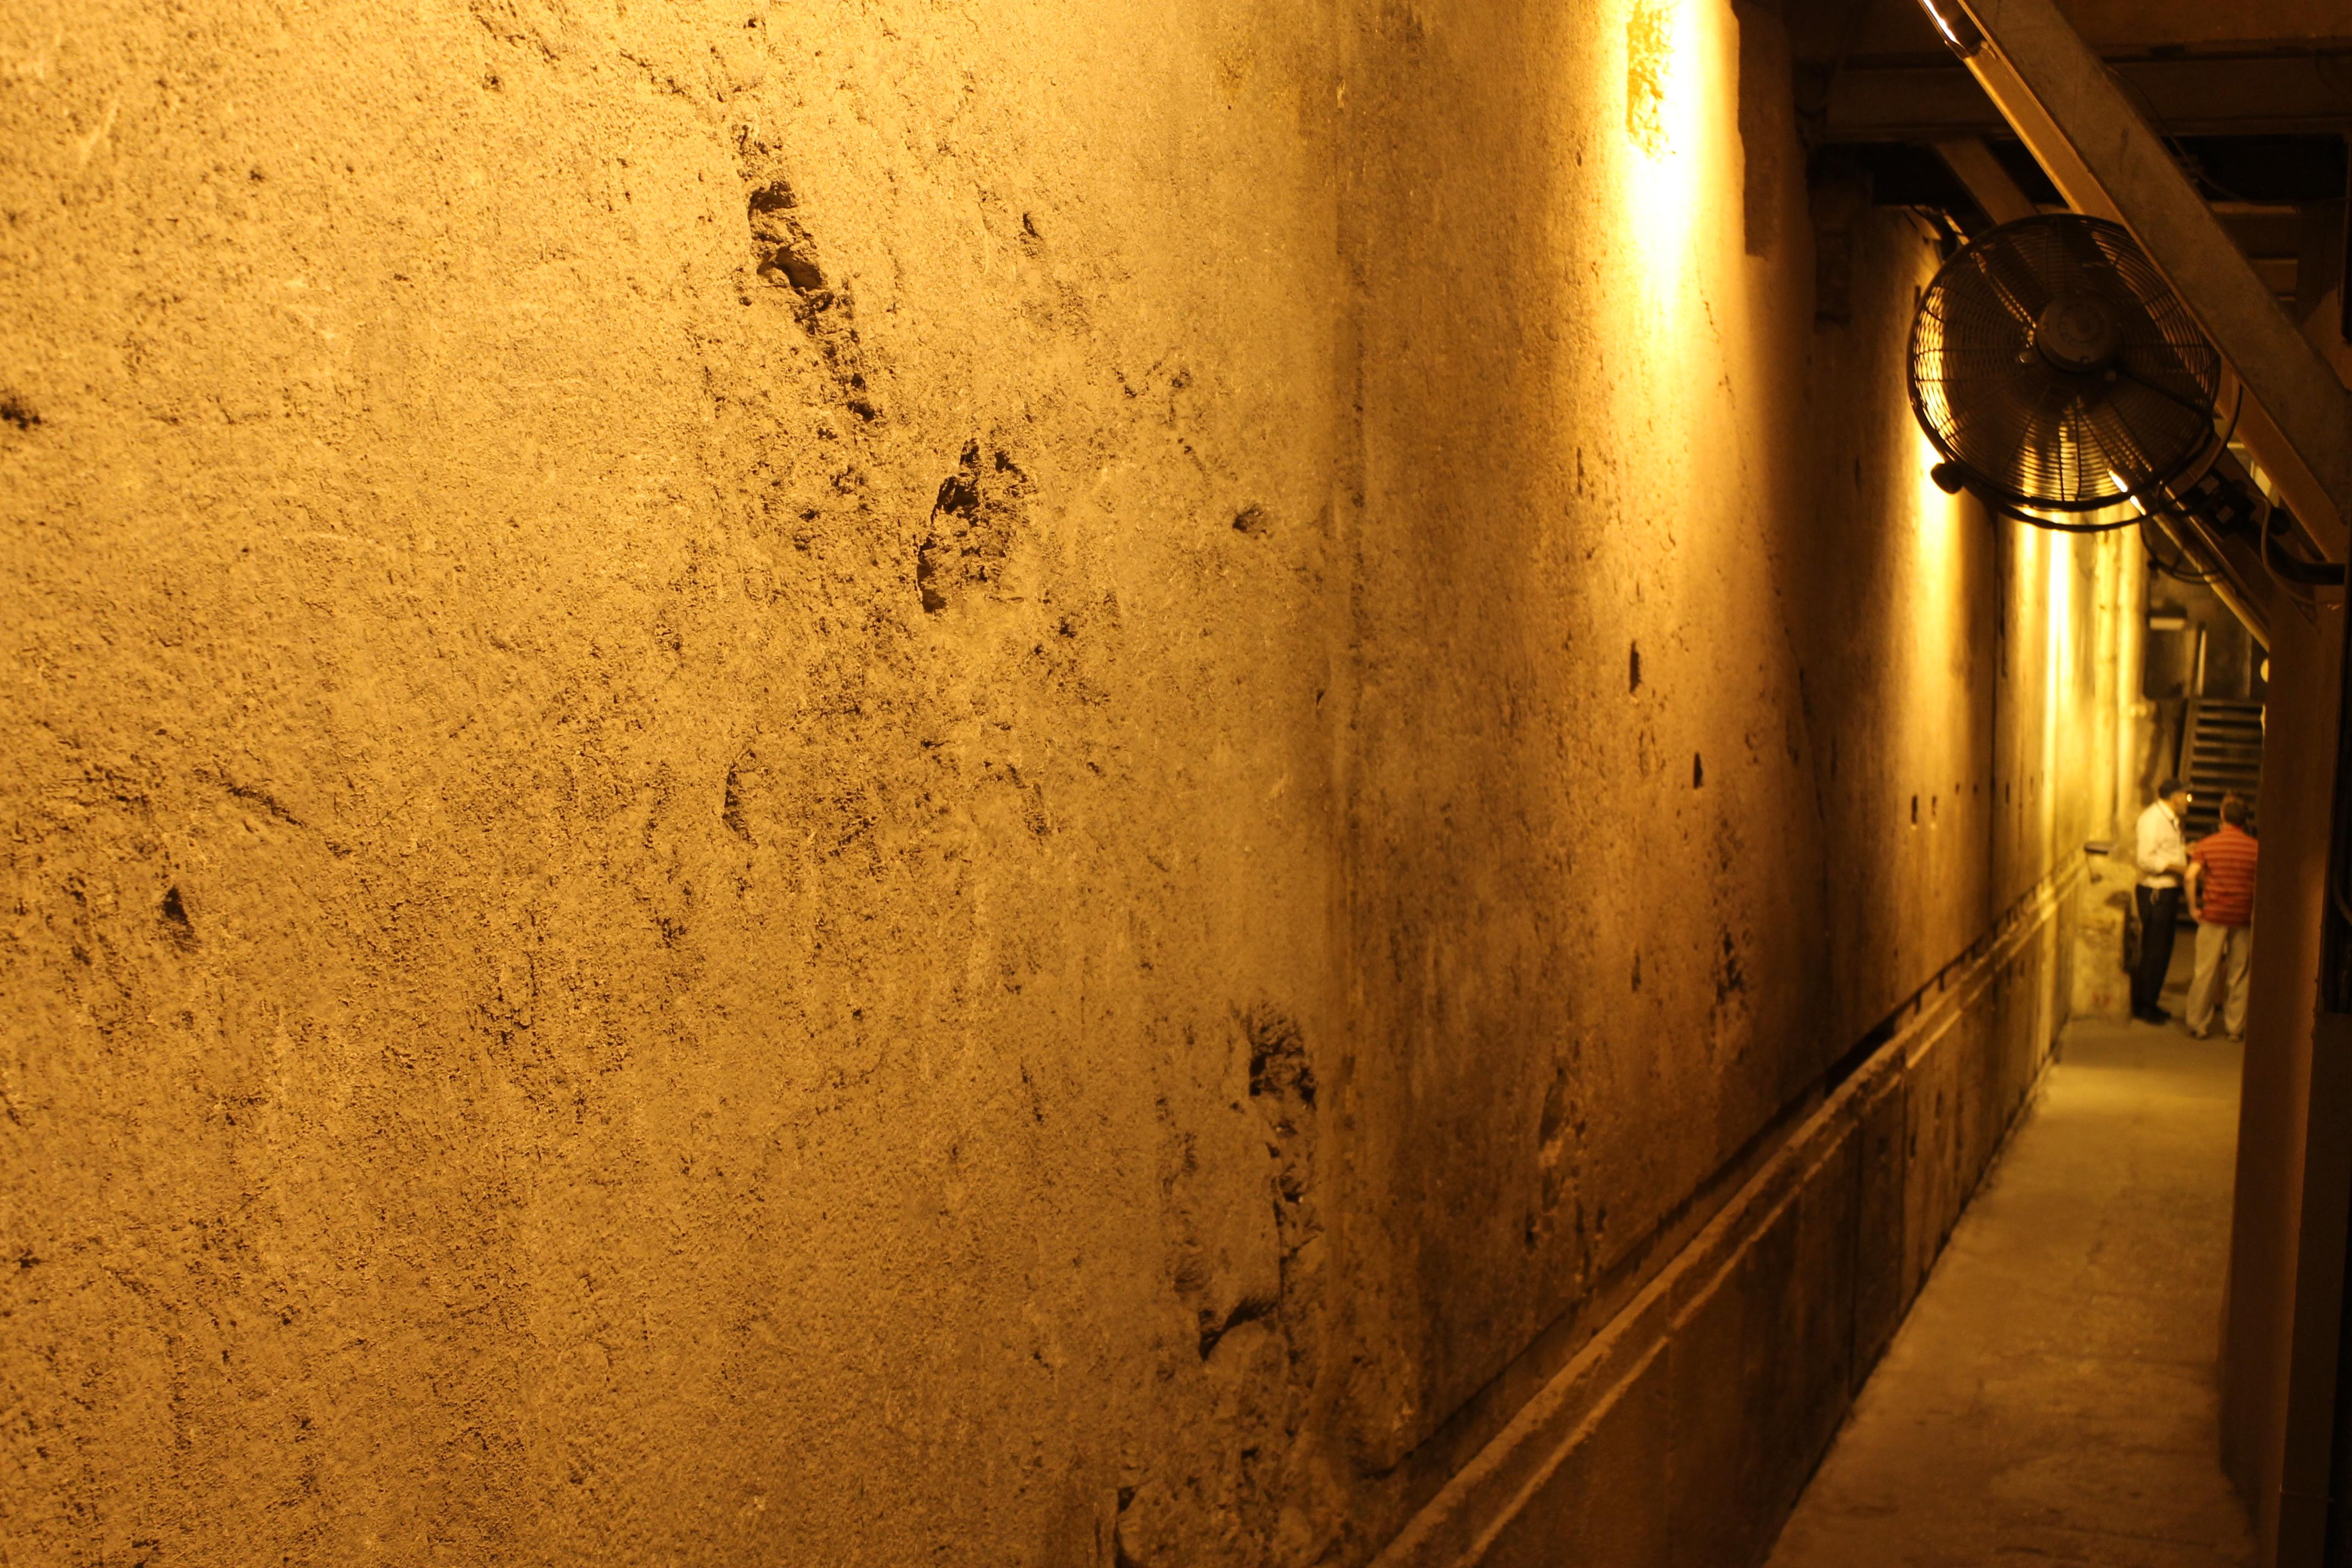 上图:西墙隧道中最大的一块石头,长13.6米,高3米,宽约3.5至4.5米,重约520吨。尚不确定当时的犹太人是用什么建筑工艺搬动、安放这些巨石的。正如当日门徒所说的:「这是何等的石头,何等的殿宇」(可十三1)。